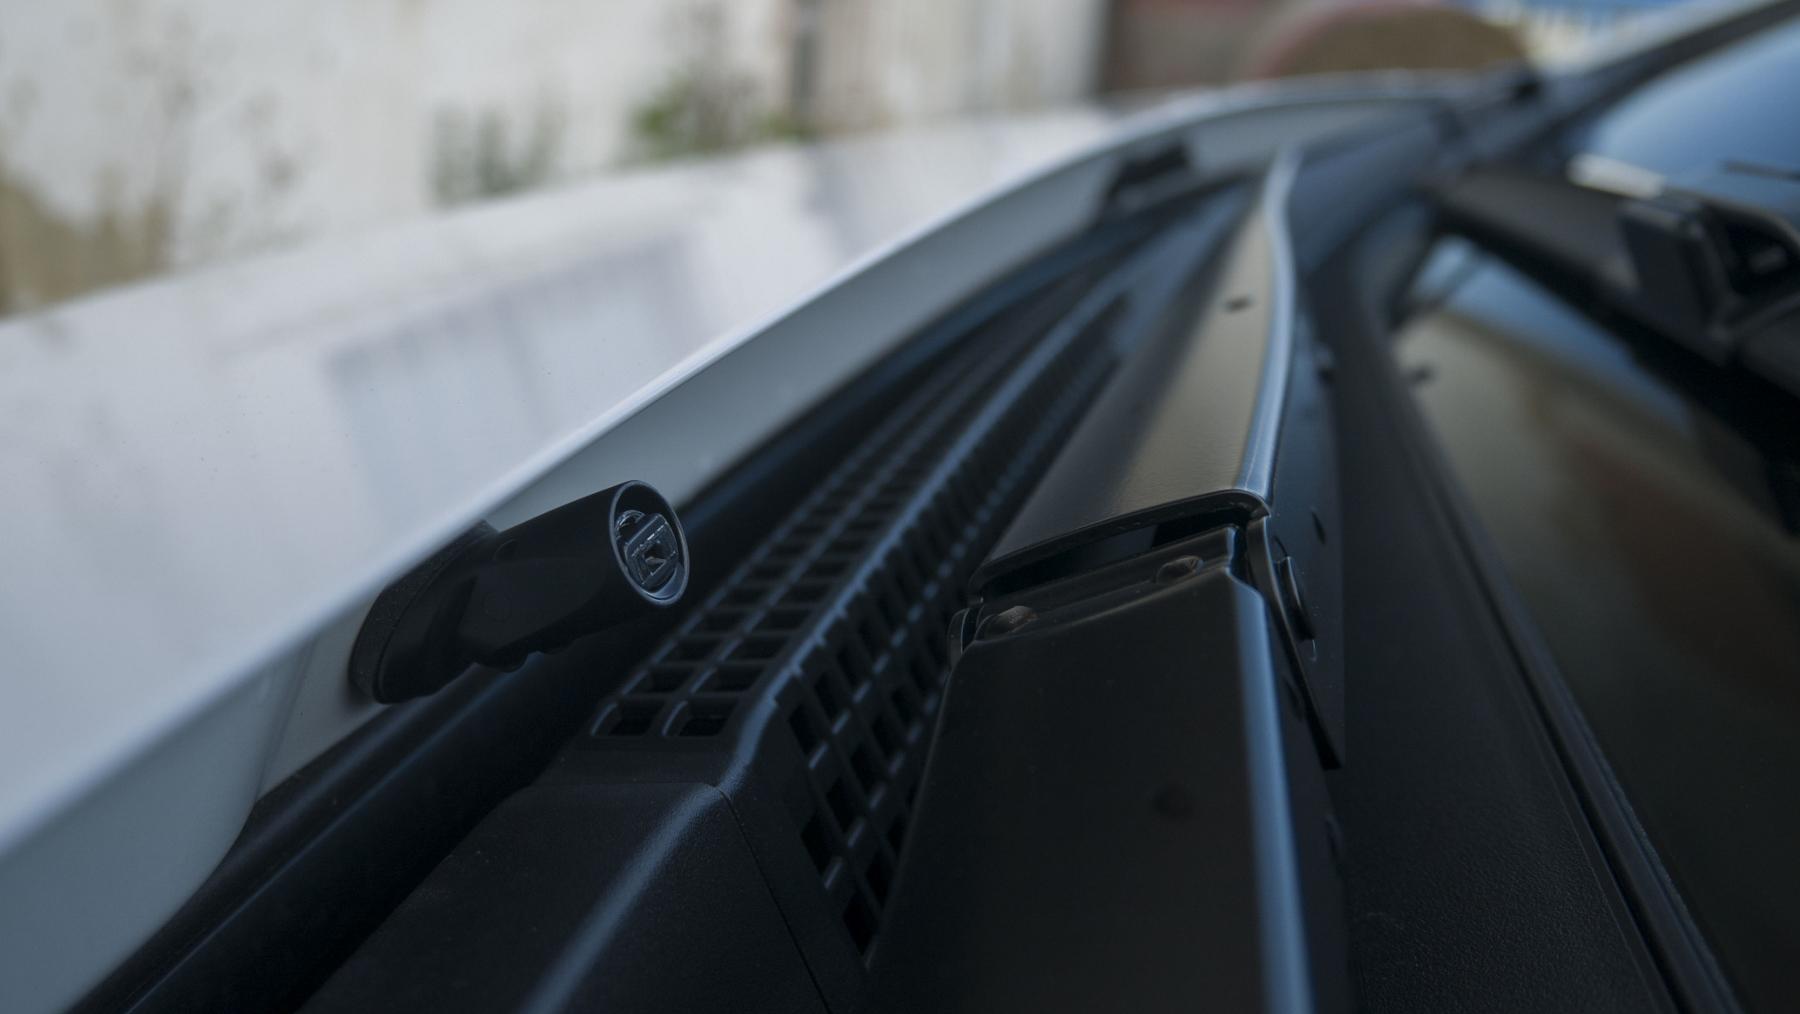 Test: Honda Jazz je kráľ spotreby a využiteľnosti priestoru 0X4cHpoxvg honda-jazz-15